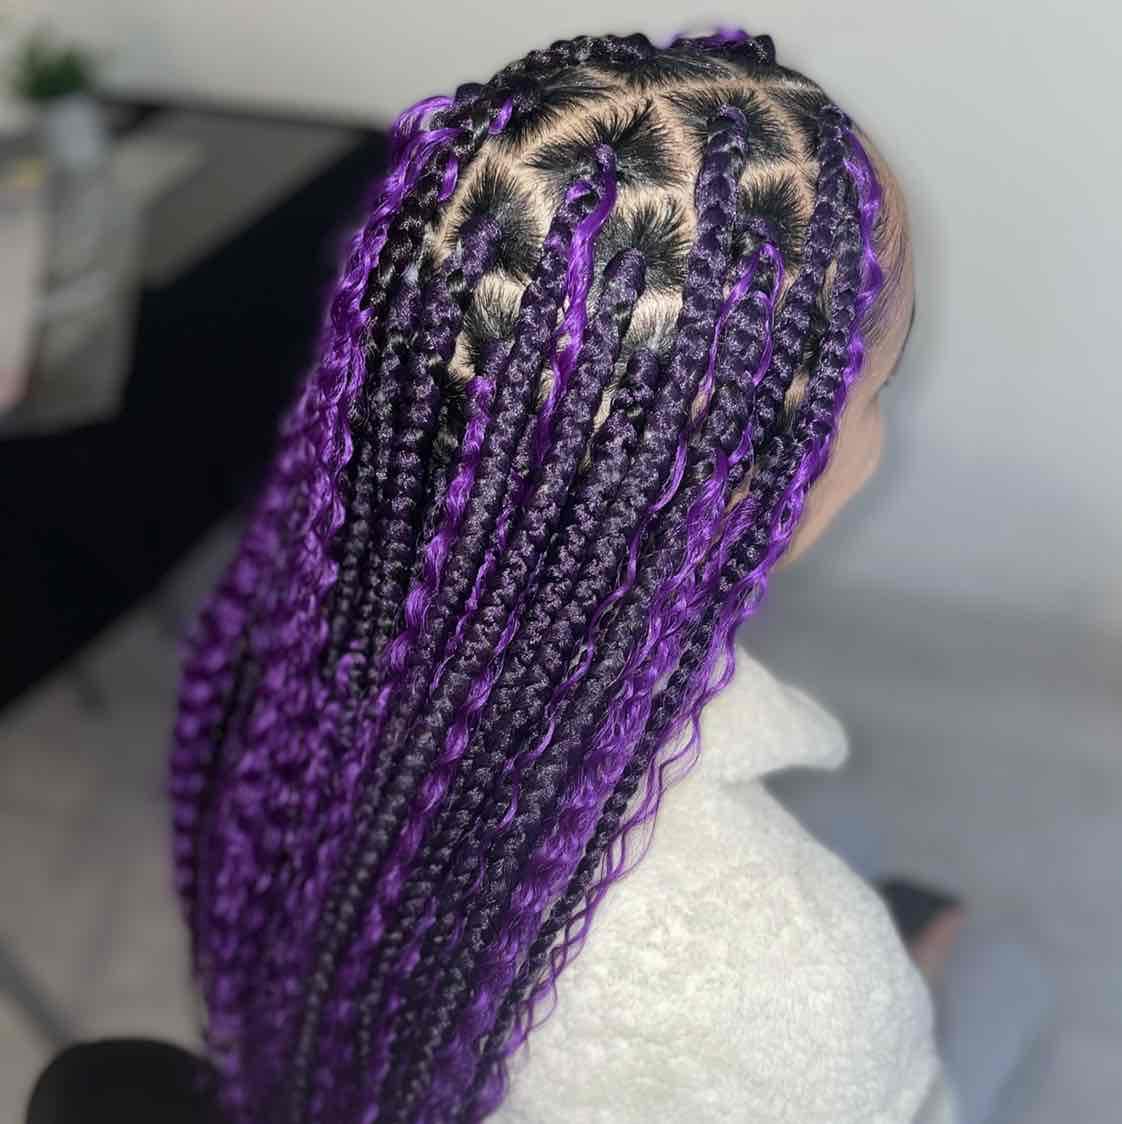 salon de coiffure afro tresse tresses box braids crochet braids vanilles tissages paris 75 77 78 91 92 93 94 95 OQLJCIVR